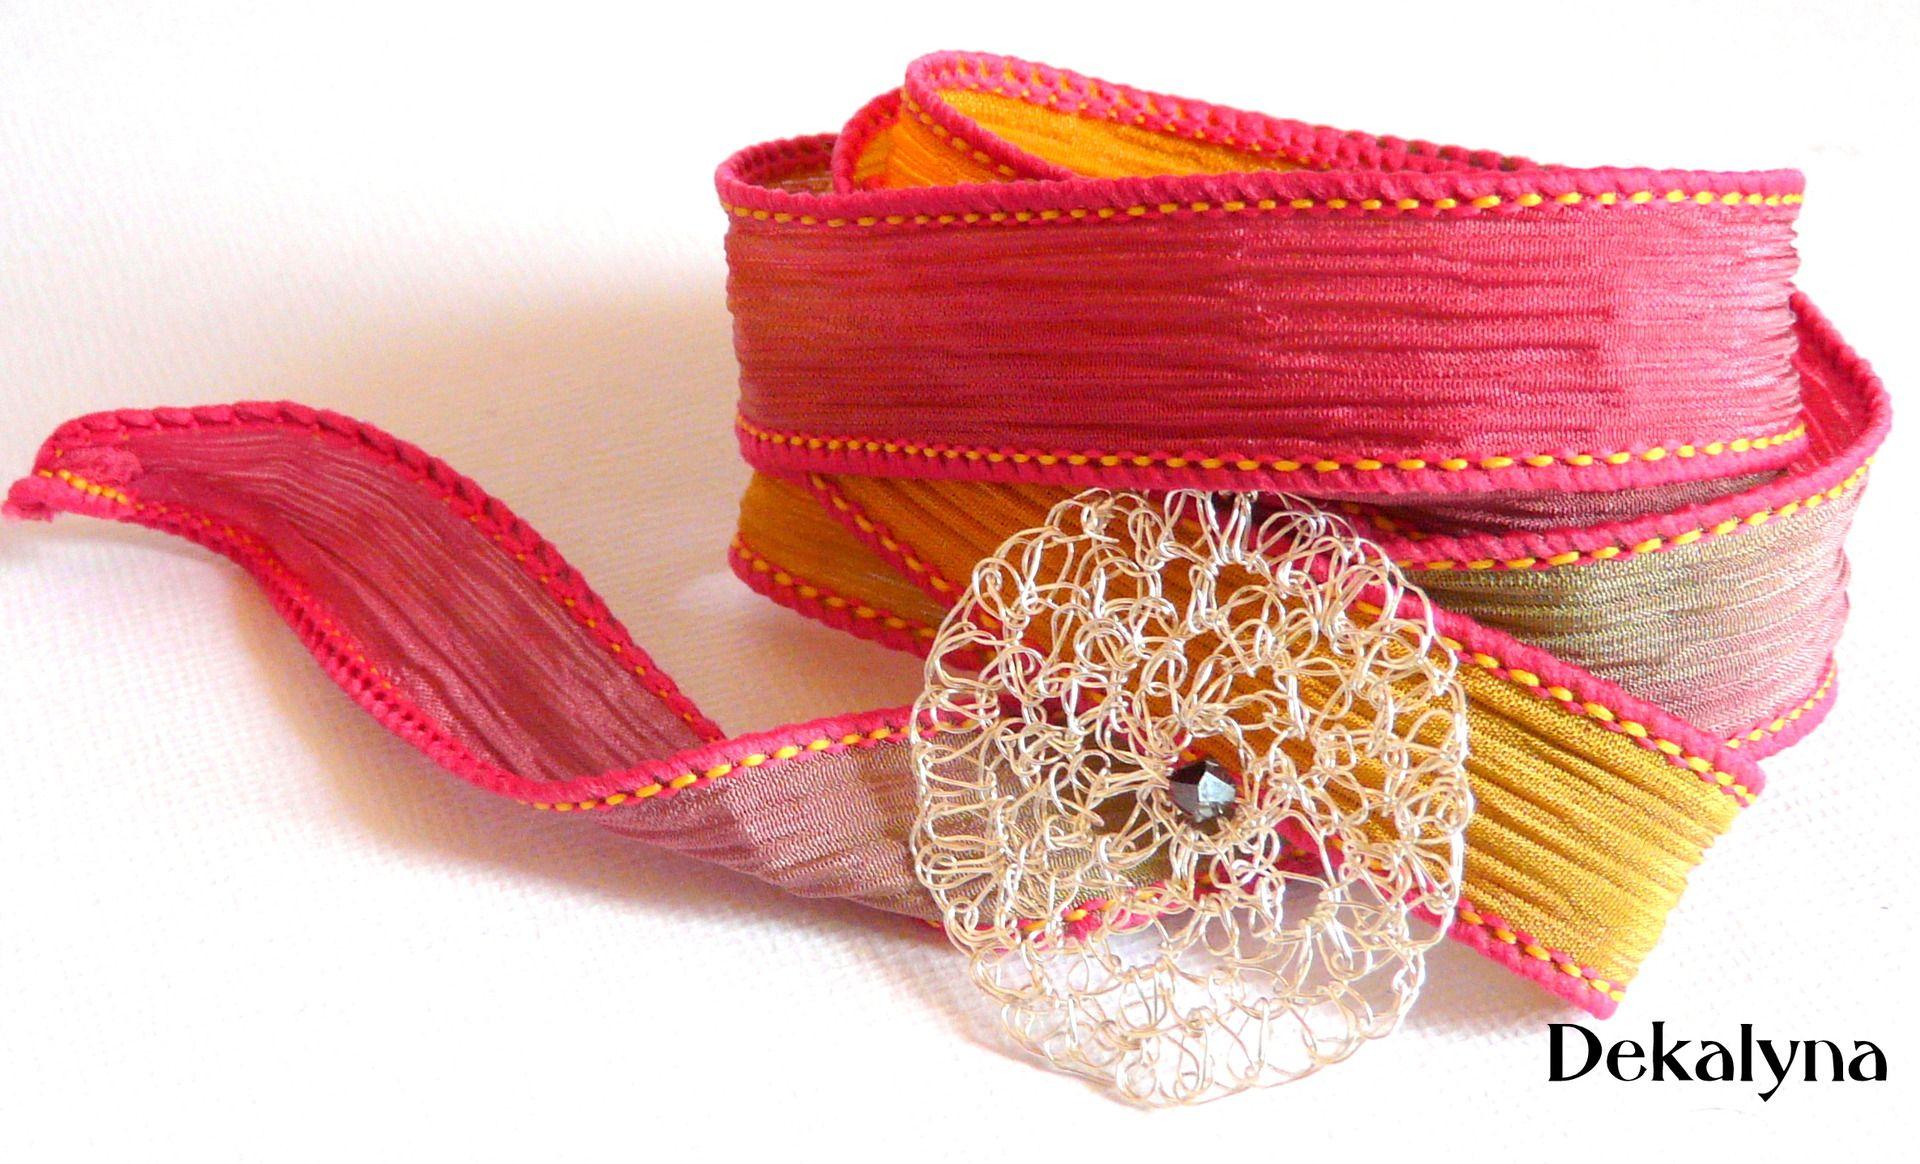 Bracelet ruban de soie rouge jaune vert et breloque ronde faite au crochet : Bracelet par Dekalyna Prix : 35 euros frais de port offerts! #mode #bijoux #beaute #ete #crochet #PACA